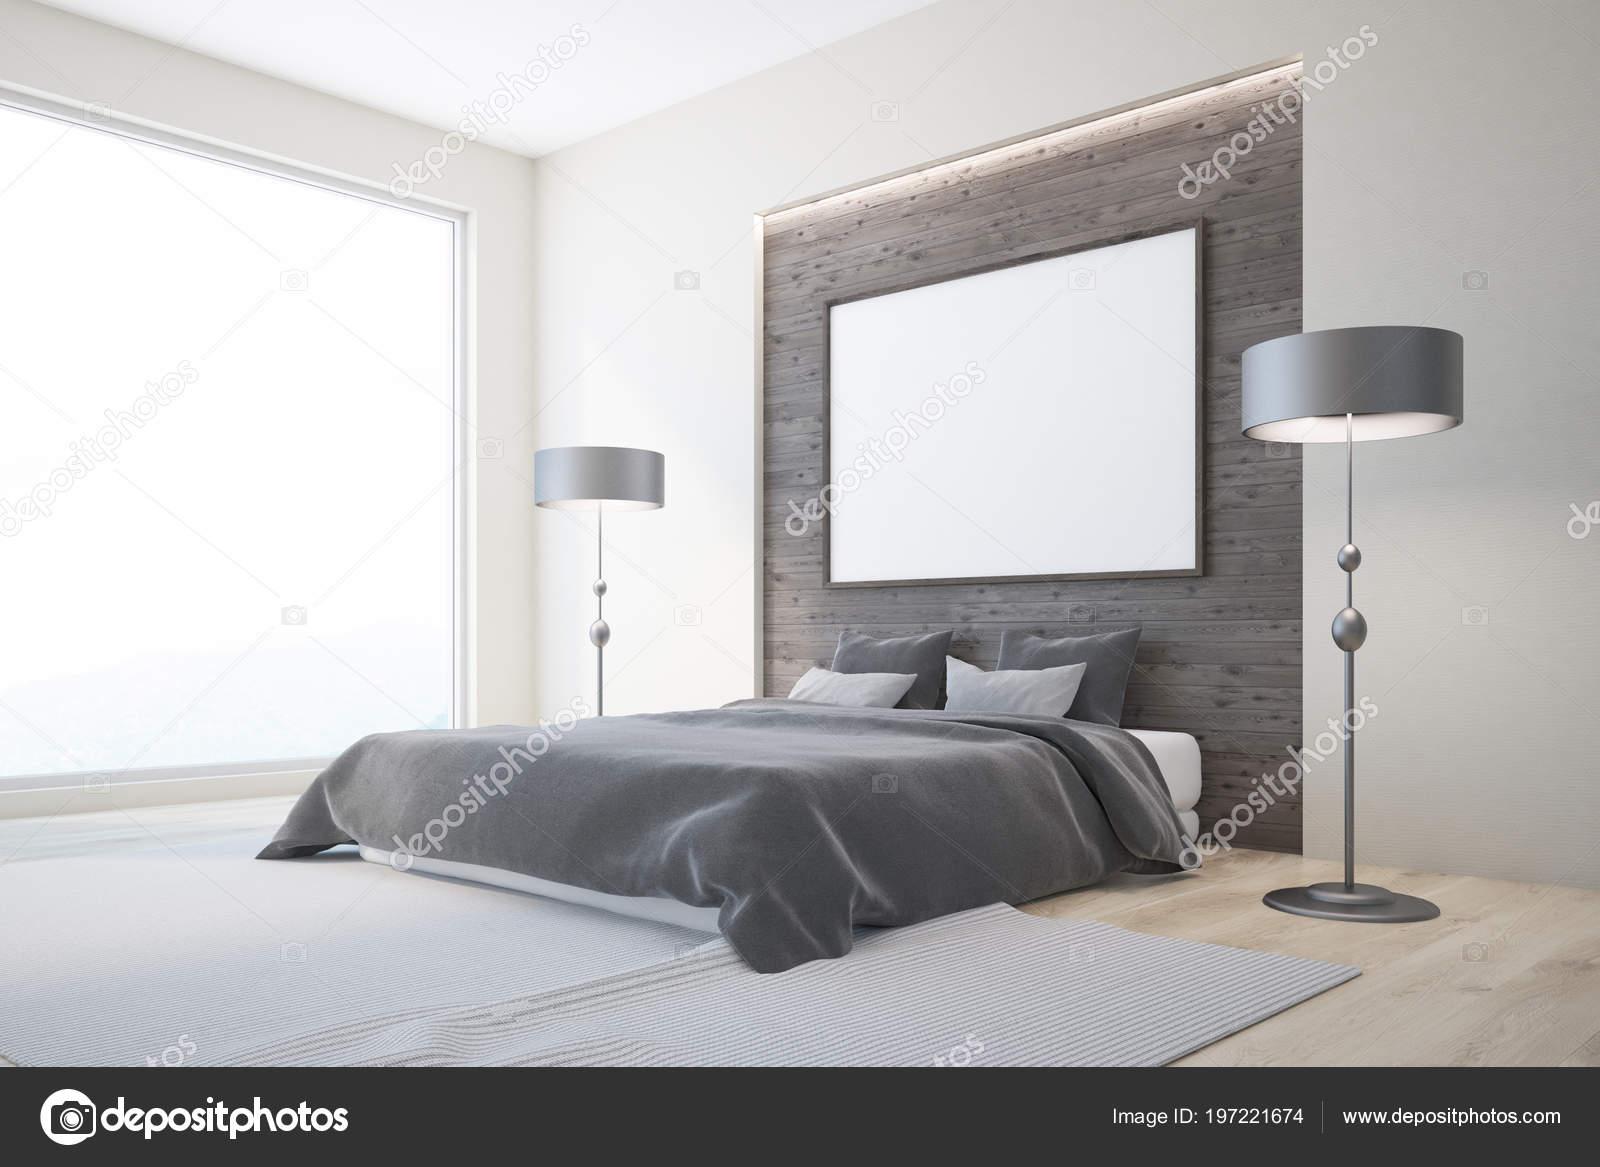 Slaapkamer Houten Vloer : Witte houten slaapkamer interieur met een houten vloer